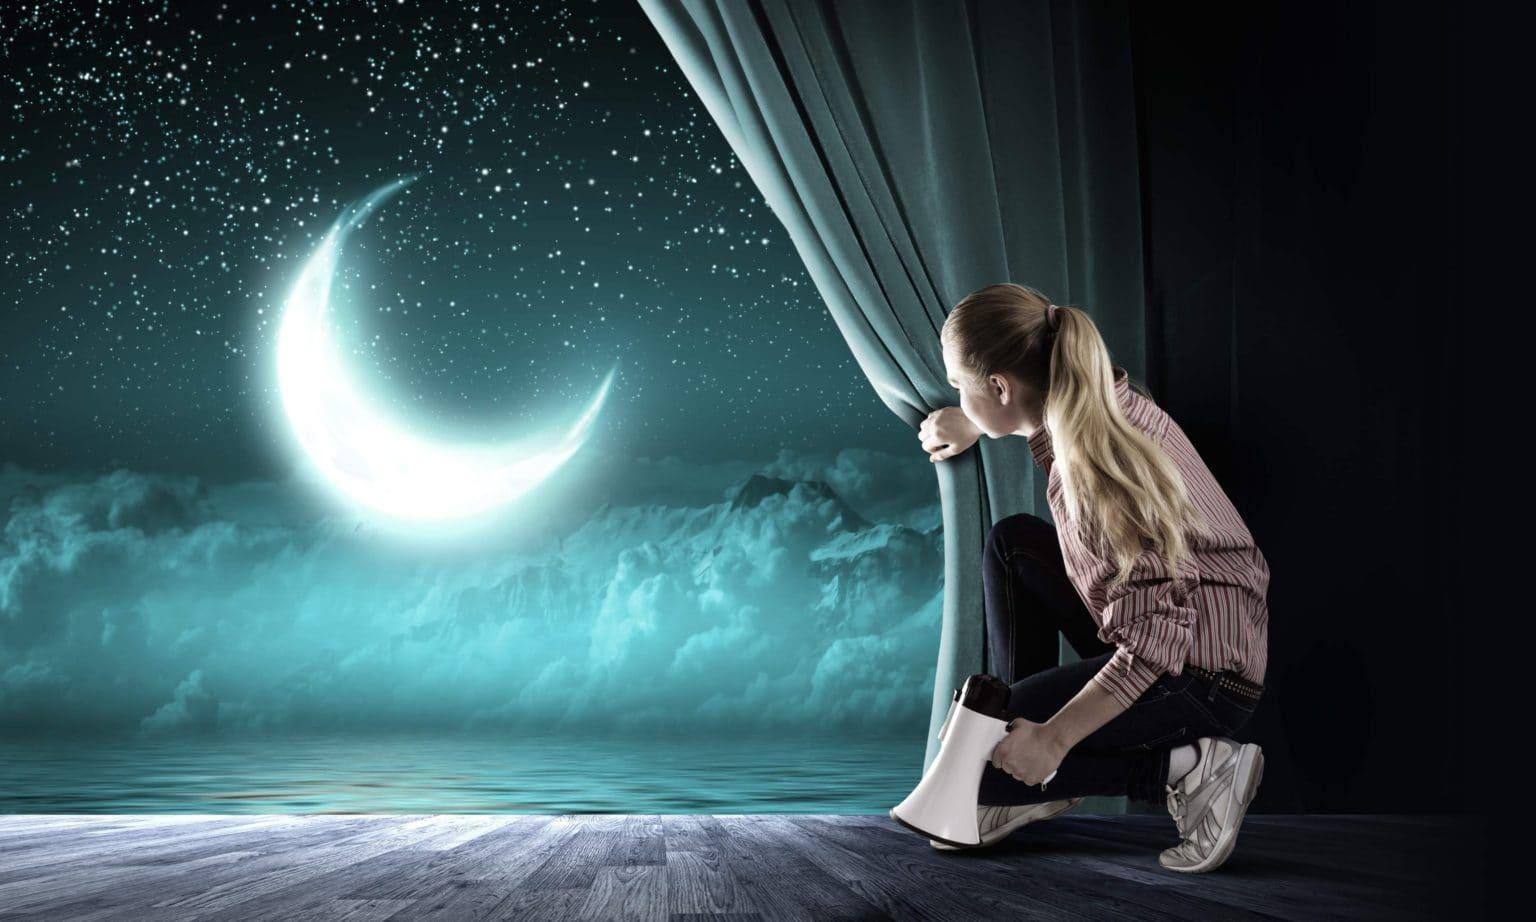 Девочка, луна видна в окно